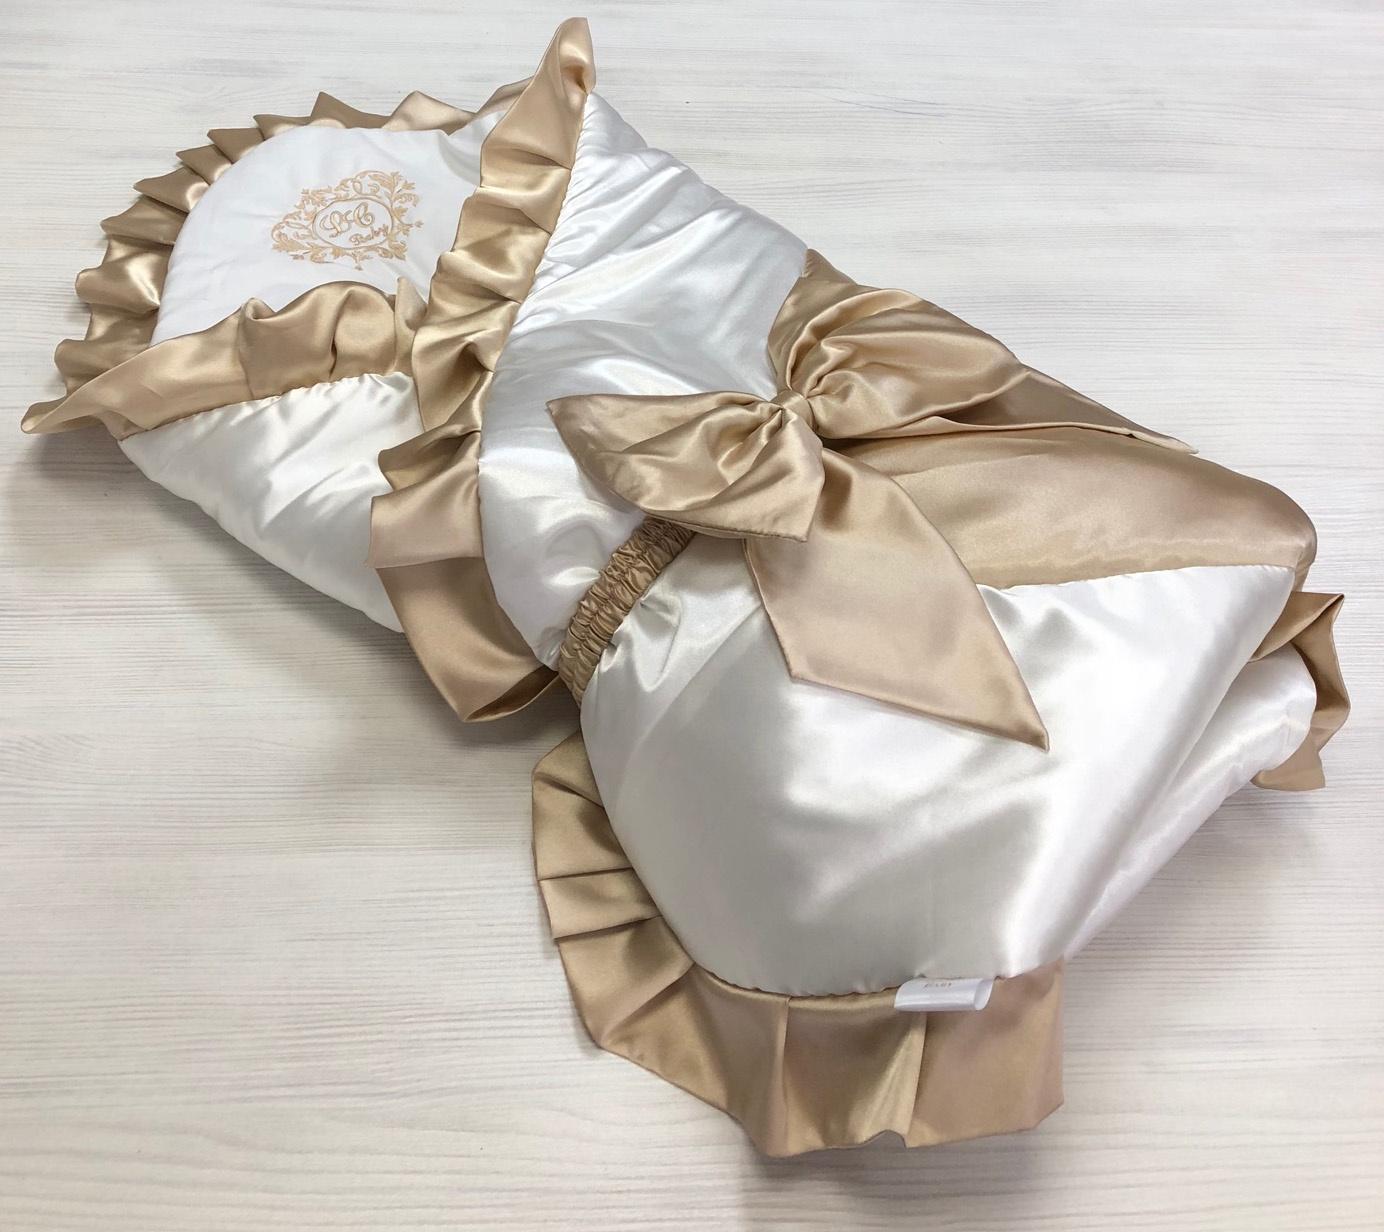 Конверт для новорожденного LaCortina Baby конверт одеяло red castle babynomade цвет серый голубой 082 152 возраст 4 9мес